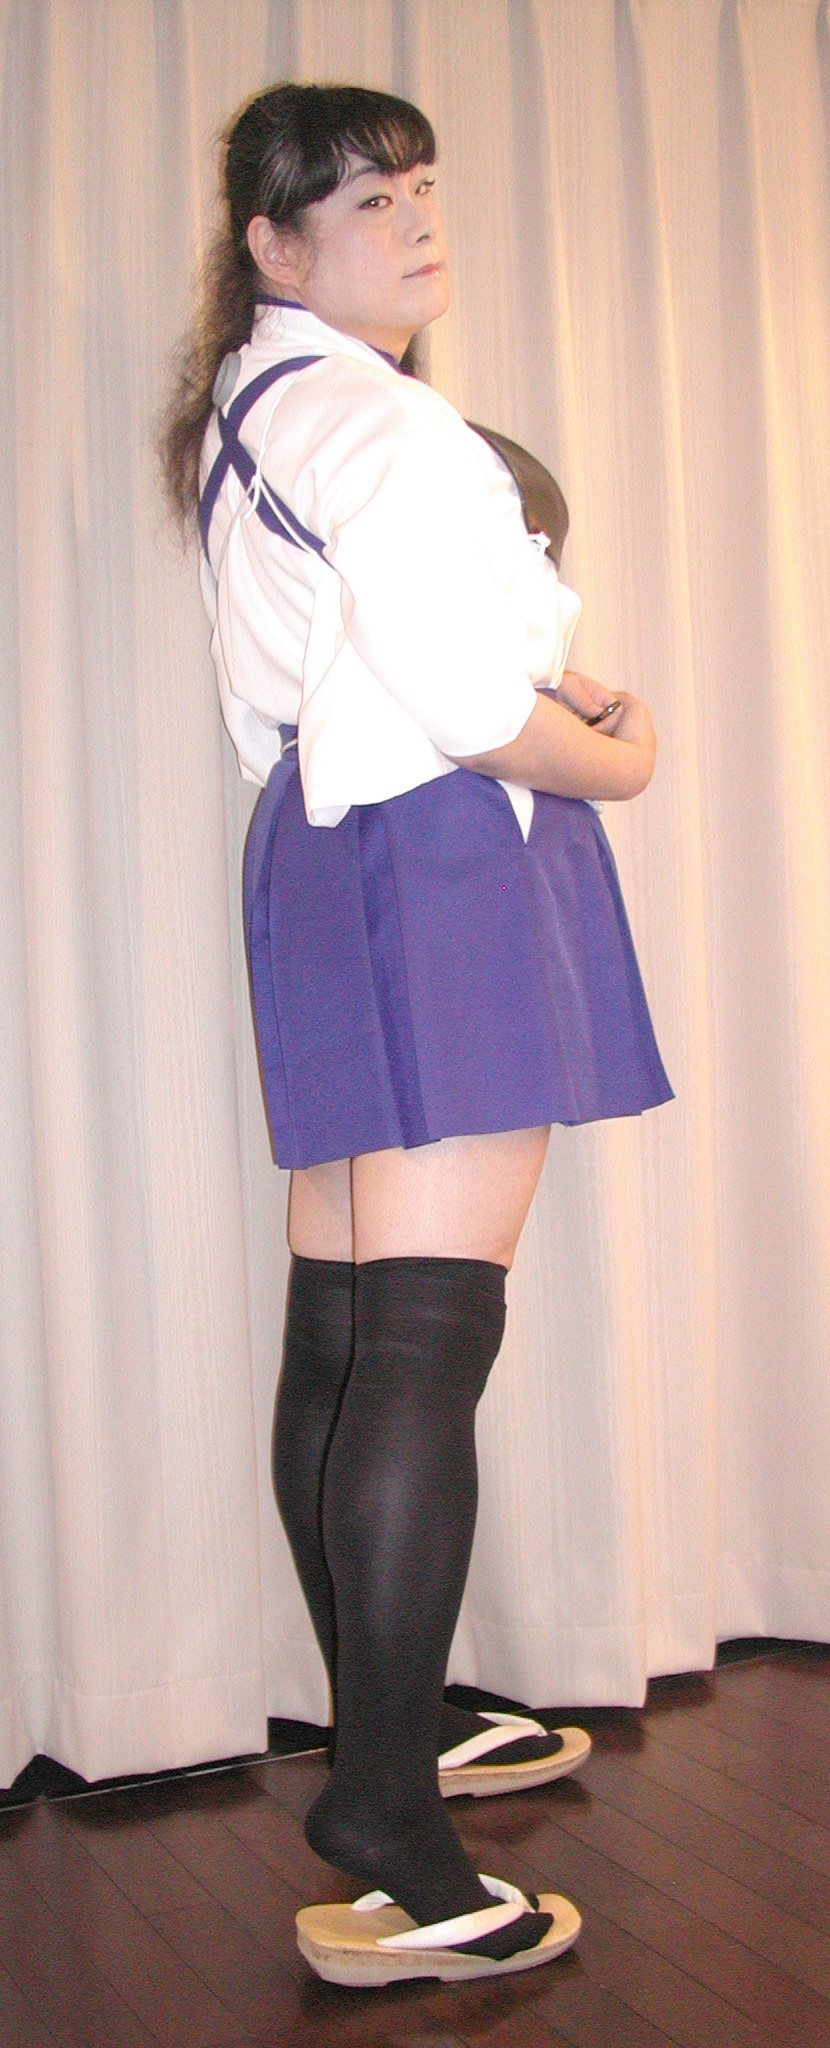 おまえらの女装写真をあげていけ [無断転載禁止]©bbspink.com->画像>226枚